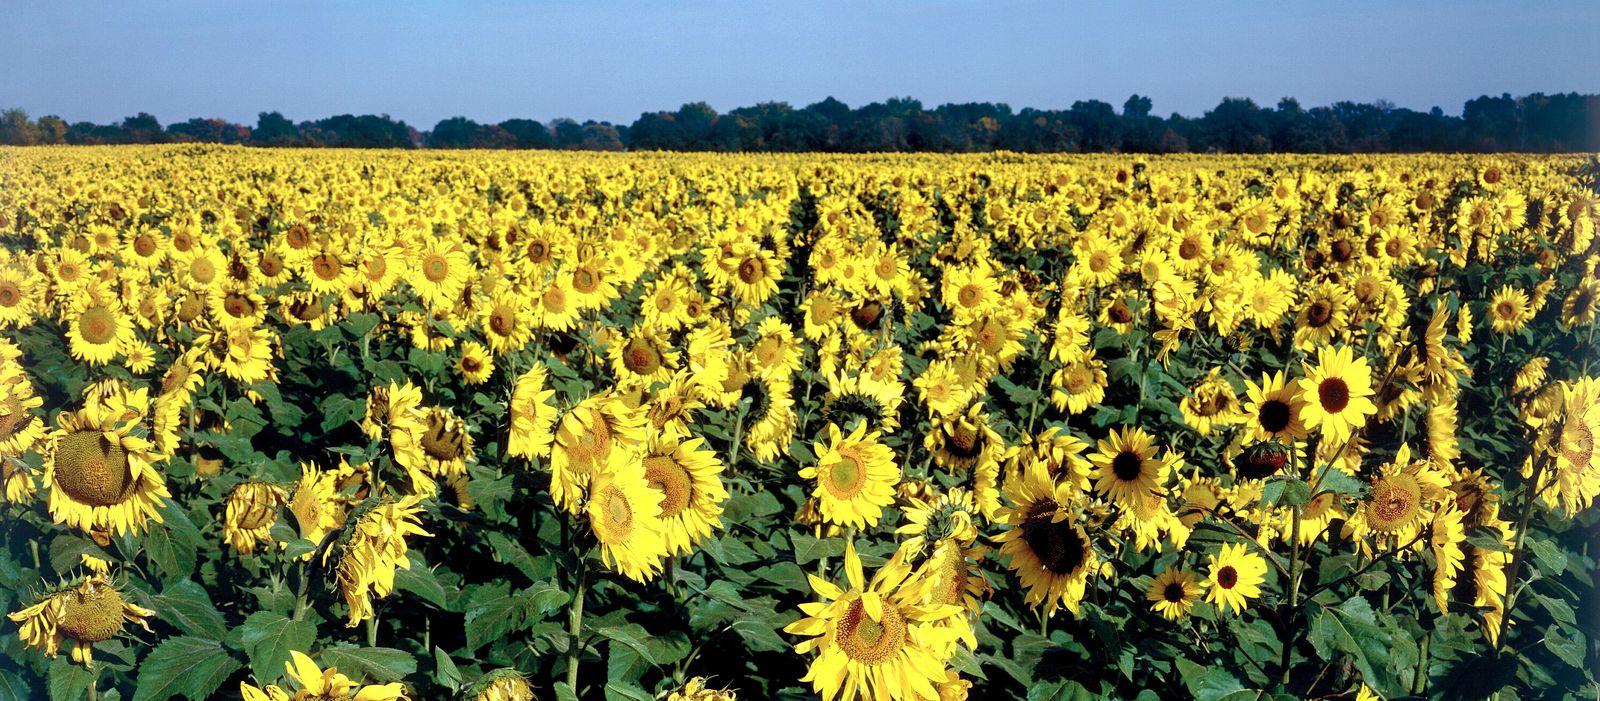 Sonnenblumenfeld in Kansas